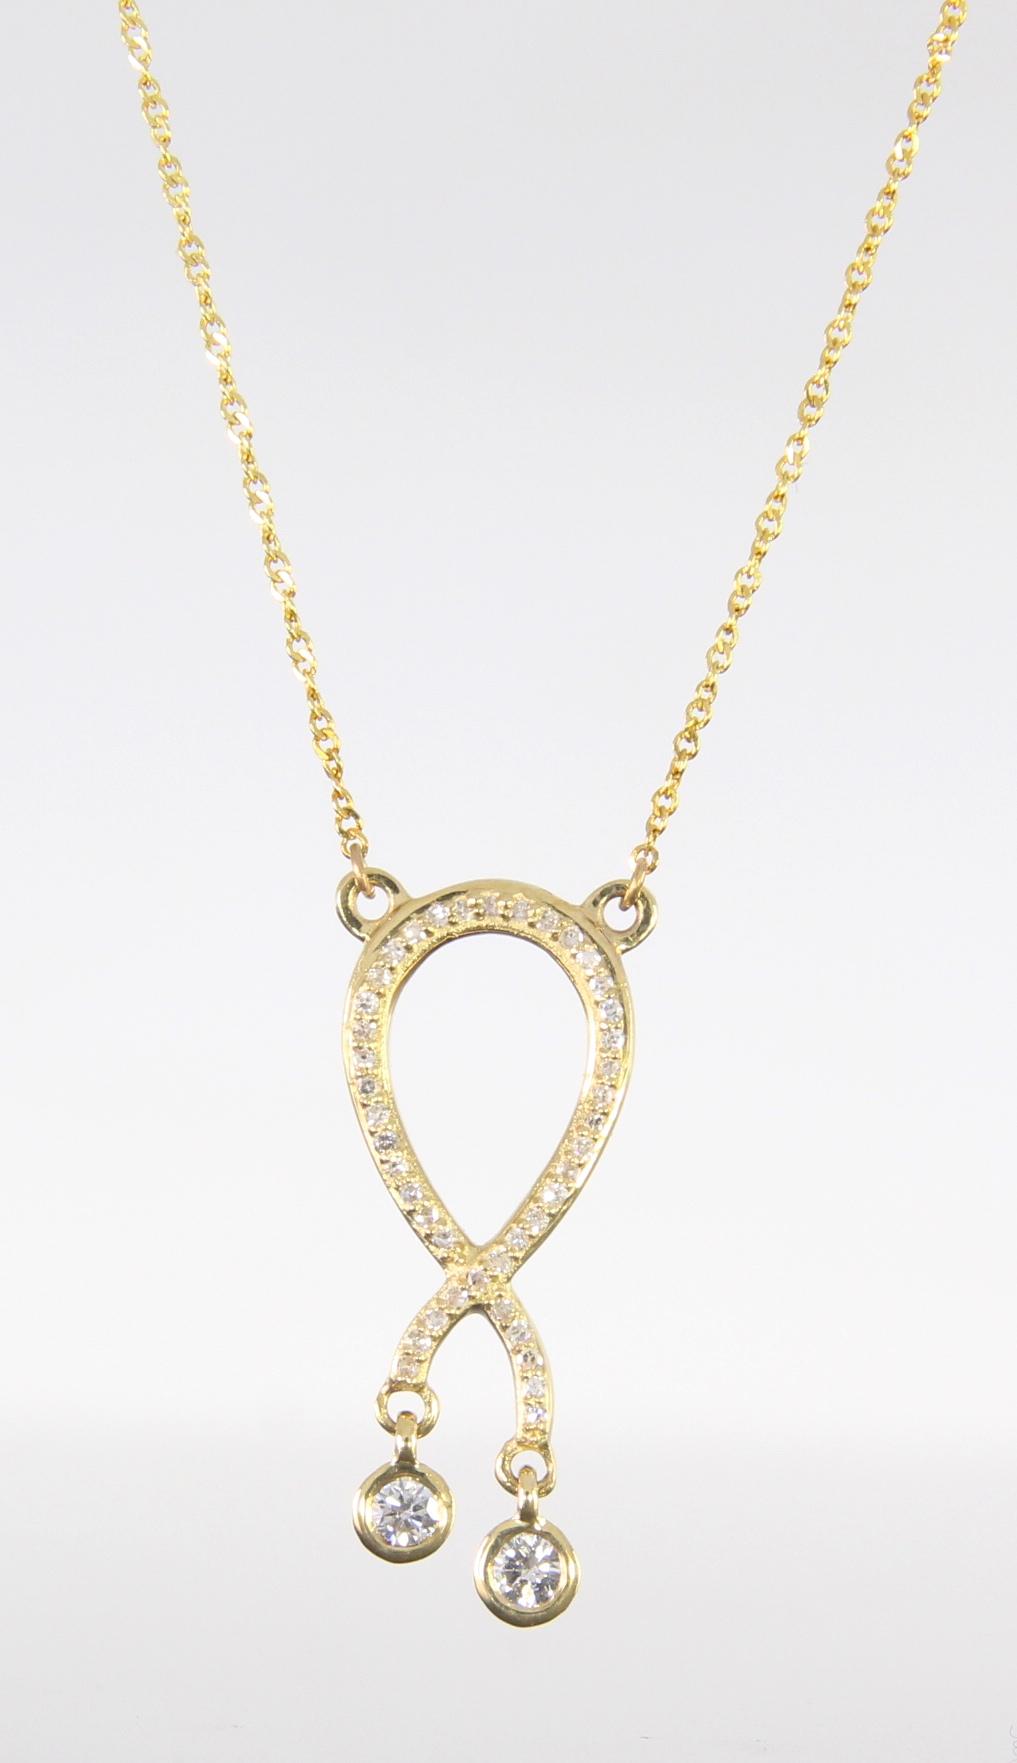 unique-diamond-fashion-pendant-ribbon-pendant-yellow-gold-delicate-necklace-grand-rapids-jewelry-store